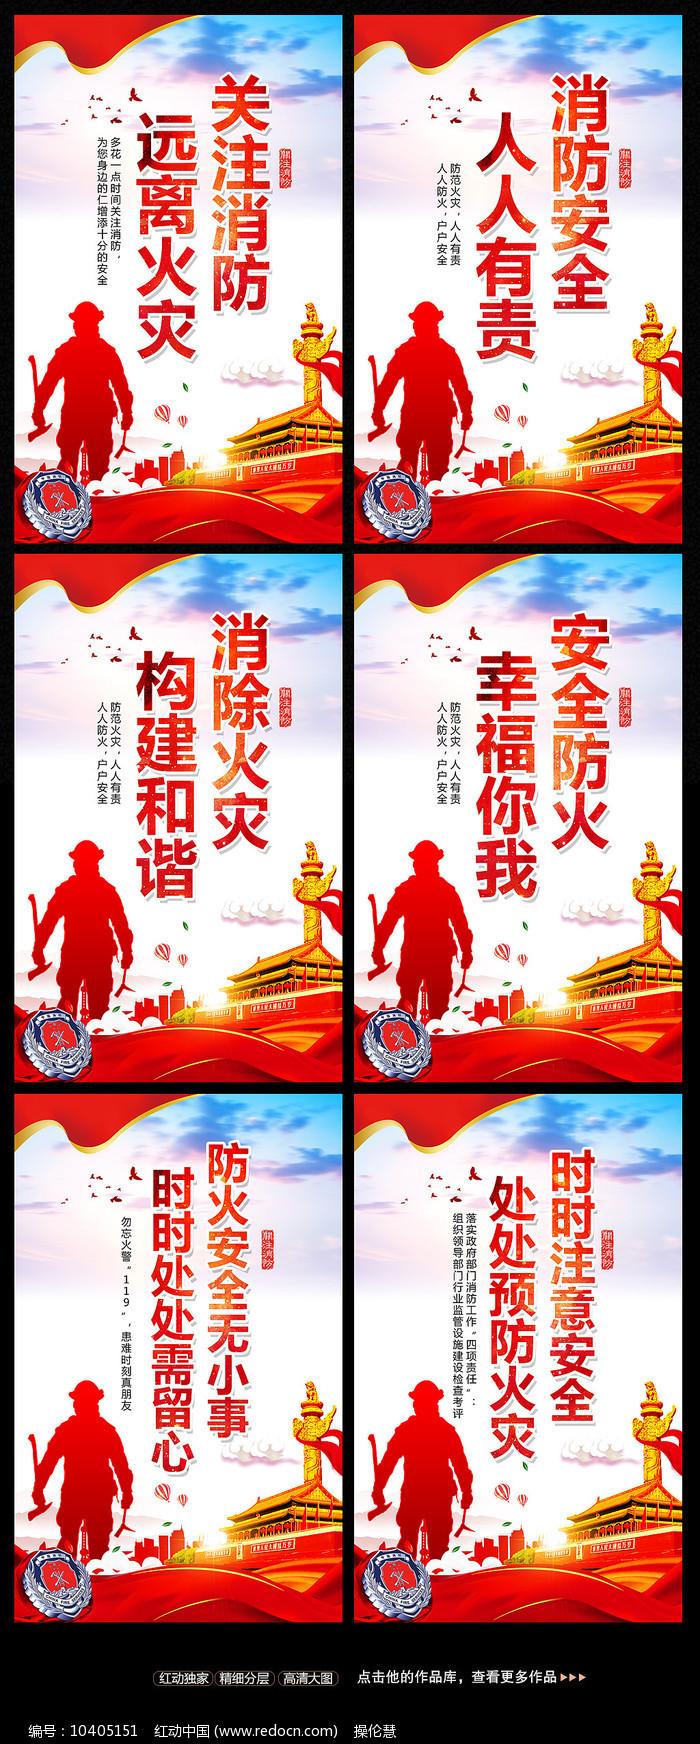 消防安全标语挂画展板图片